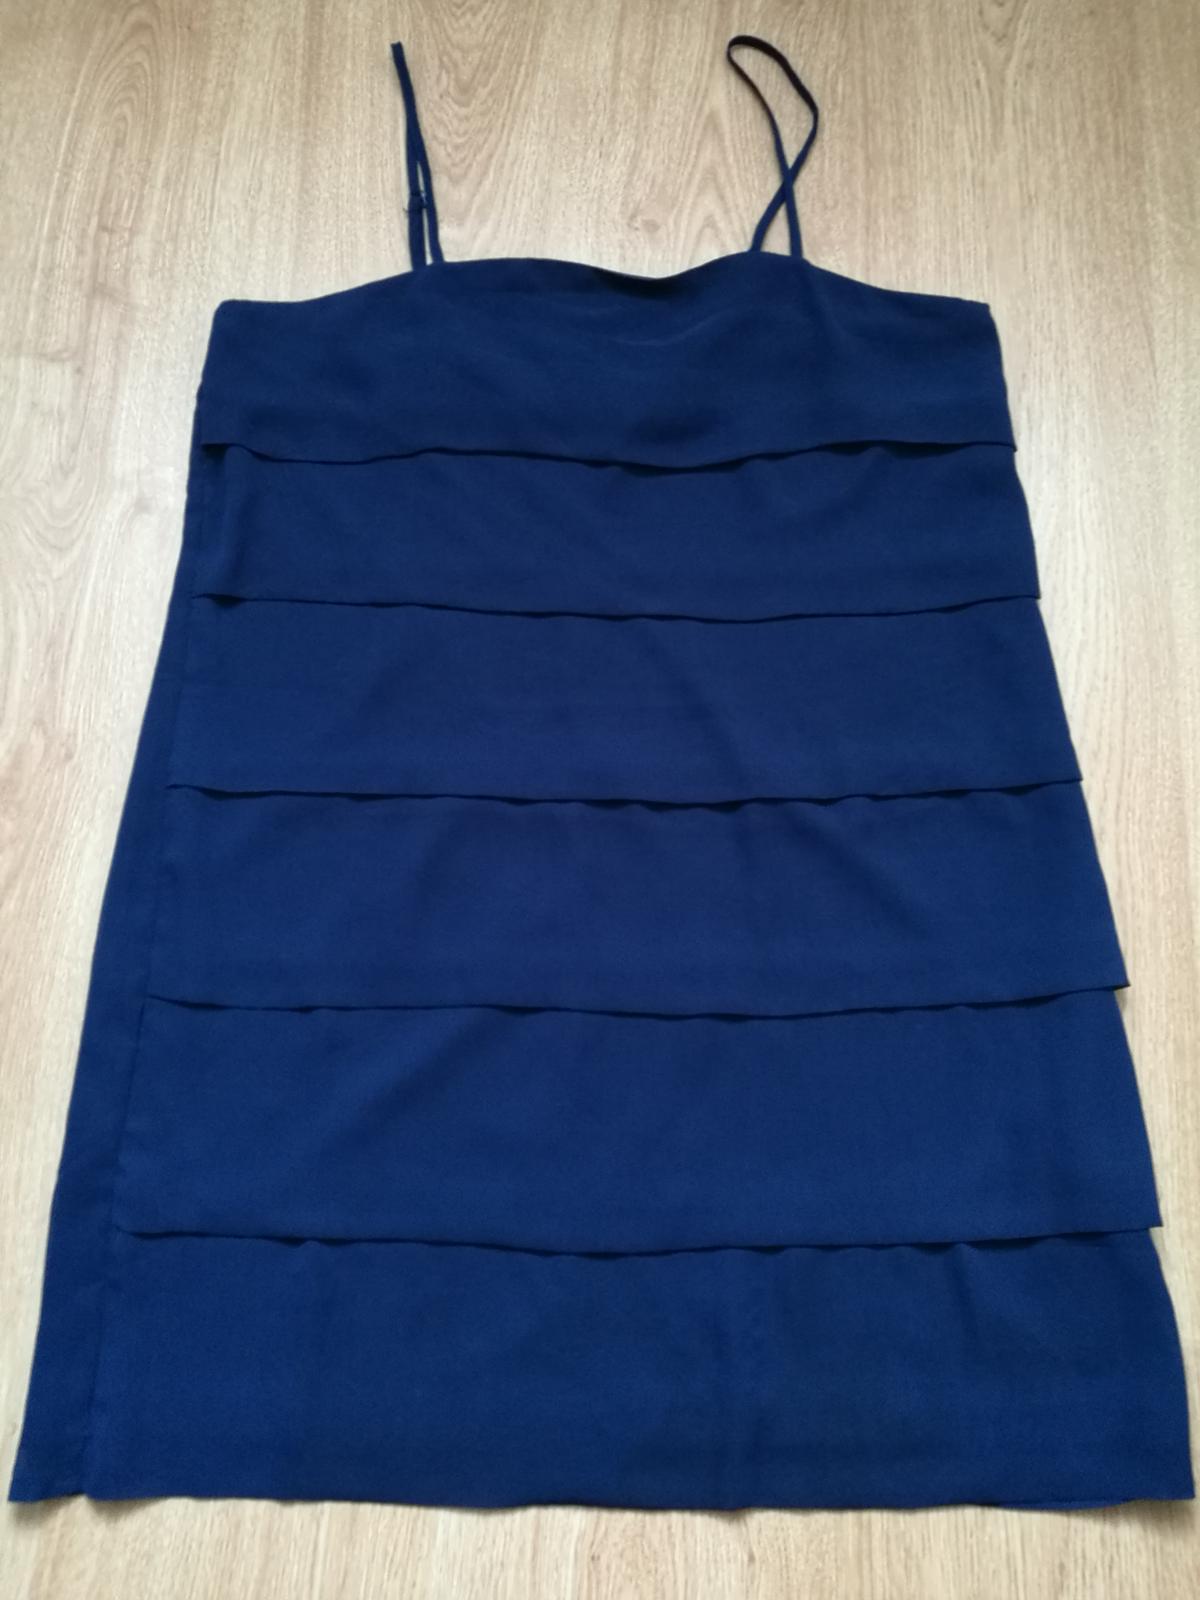 Šaty na ramienka - Obrázok č. 1